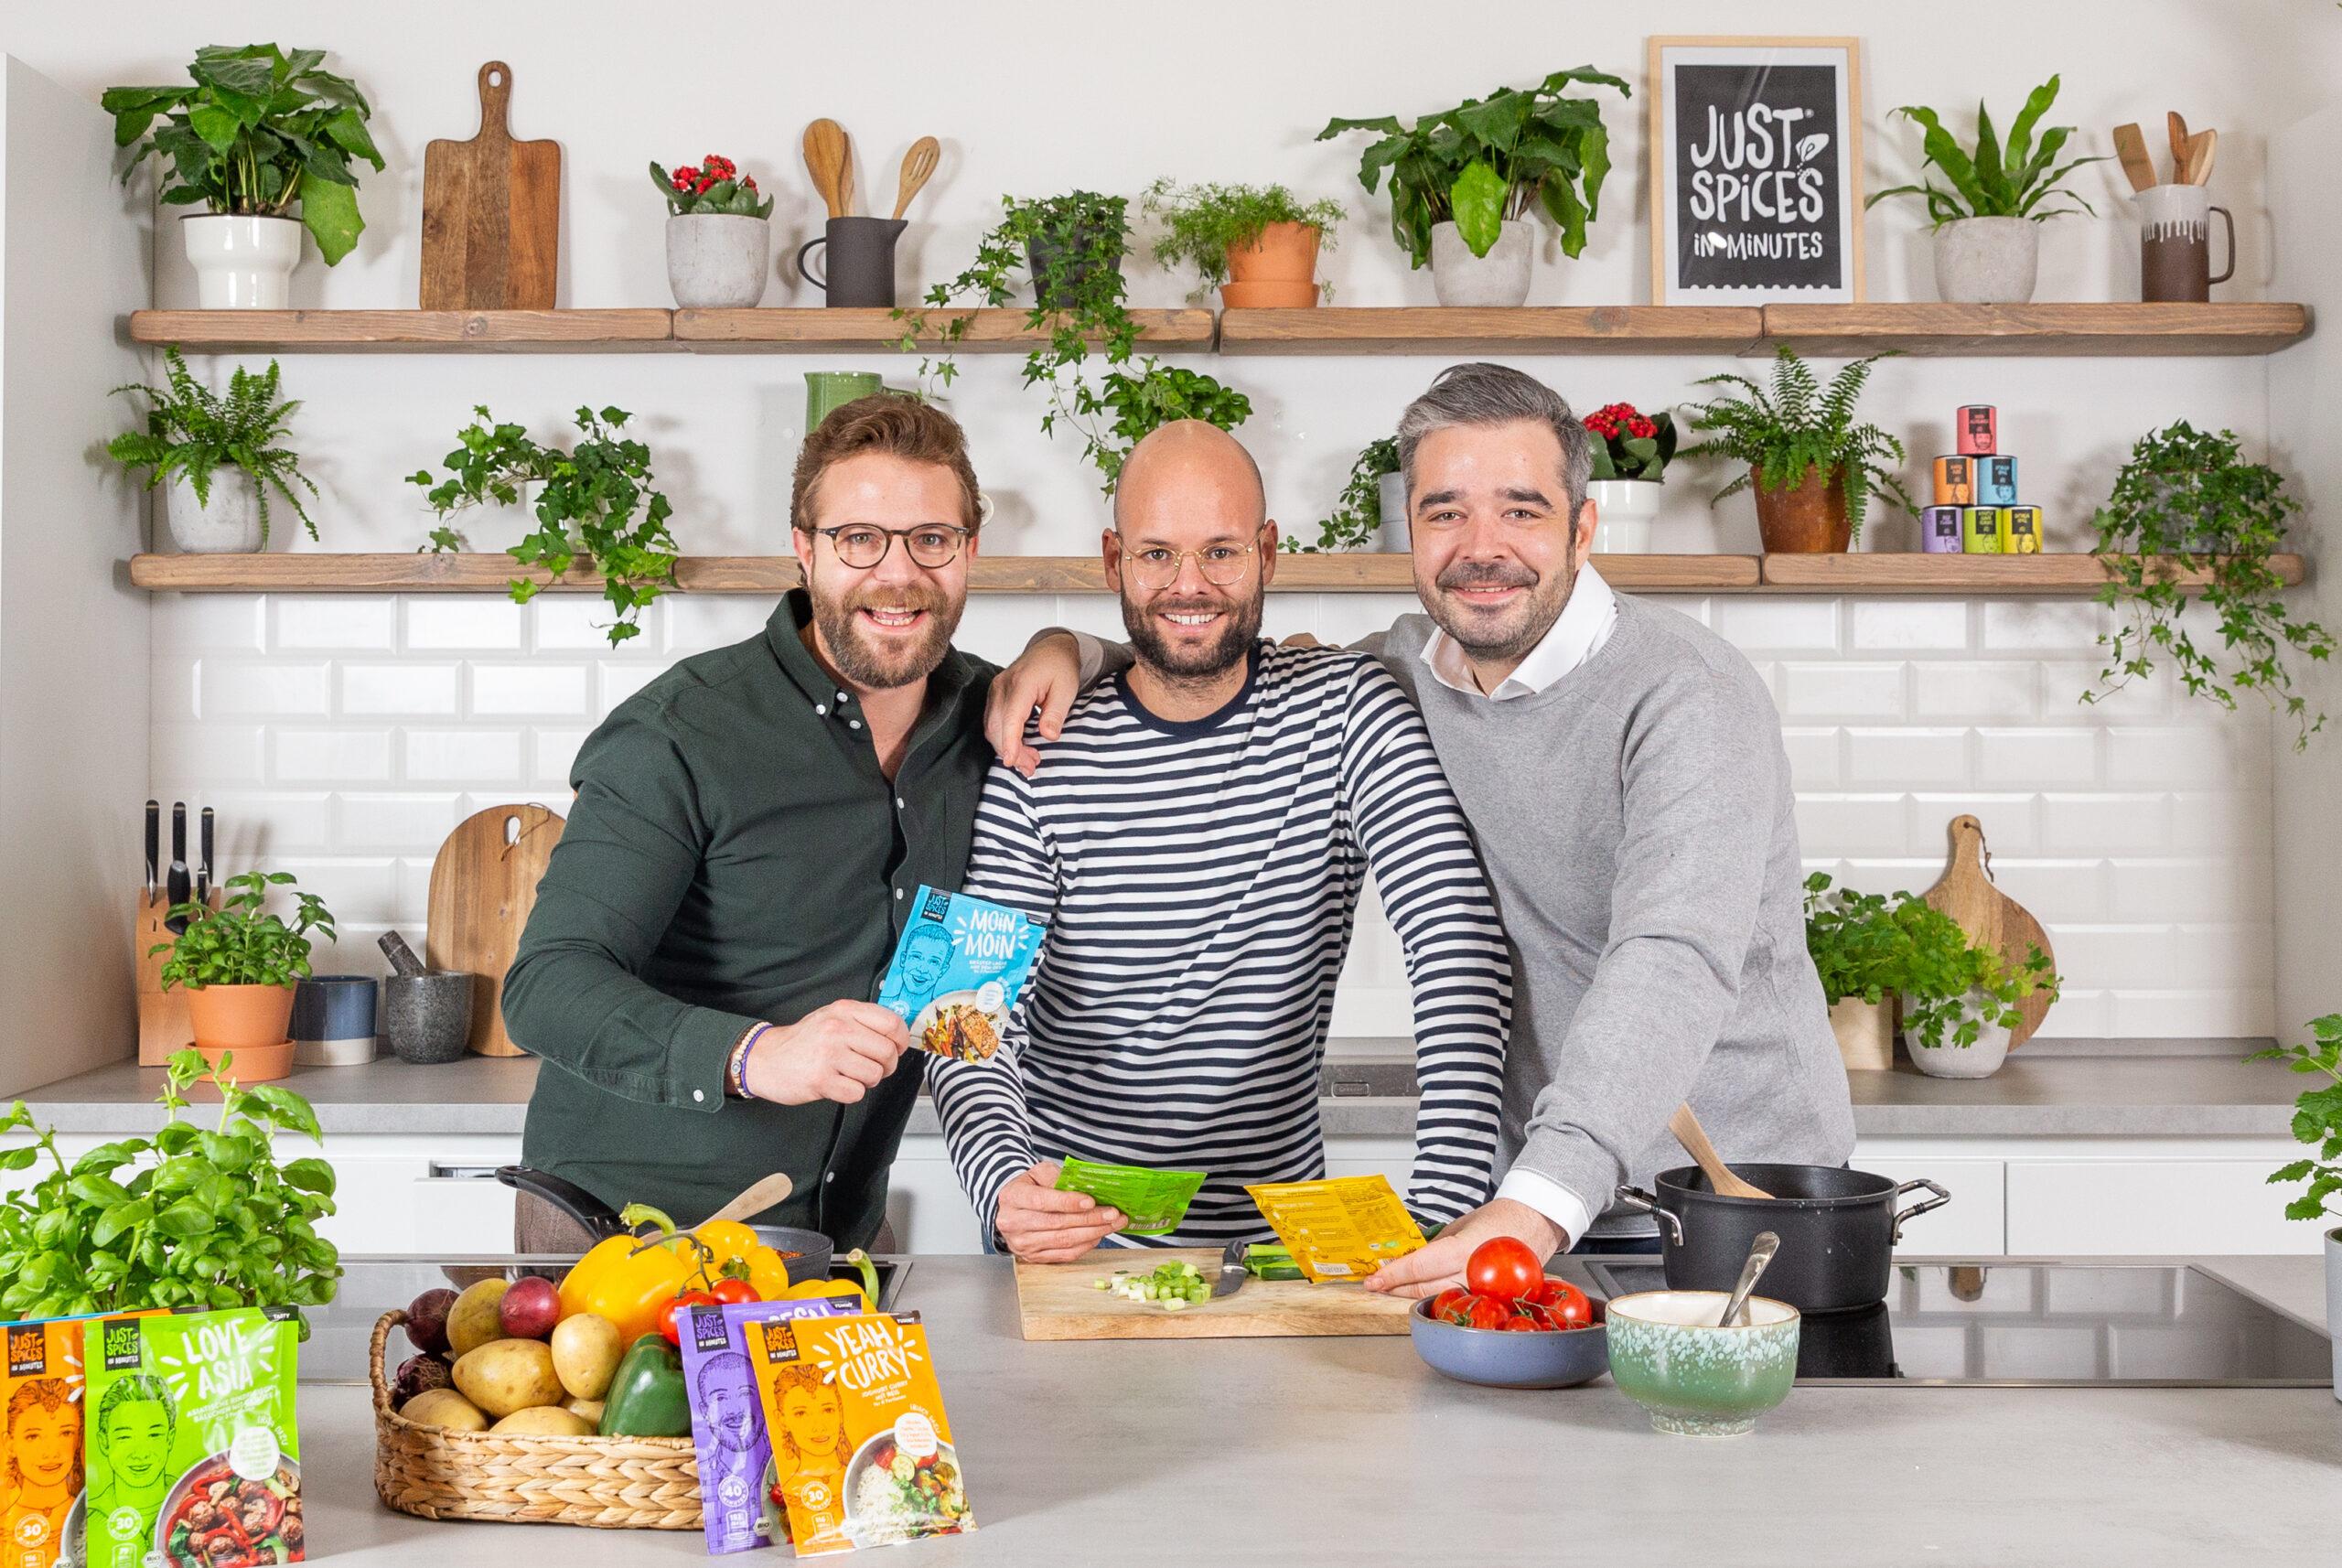 Online First: Auf dem Bild sind die drei Gründer von Just Spices zu sehen. Die Gründer haben ihre Gewürze erst online verkauft.